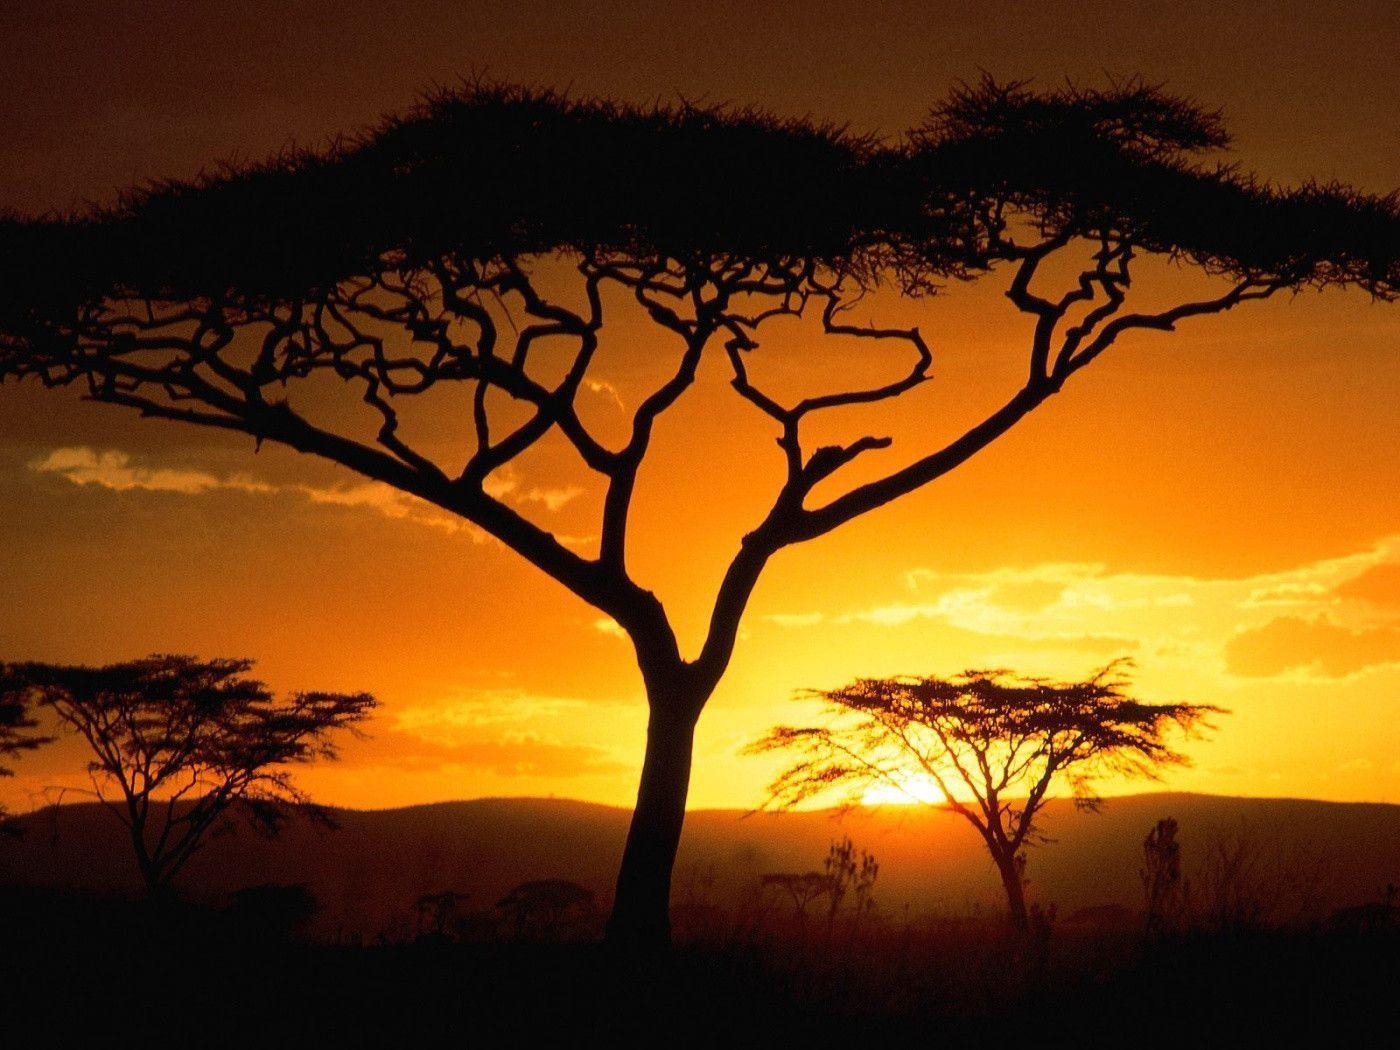 Tanzanian Sunset, Africa desktop wallpaper « Desktopia.